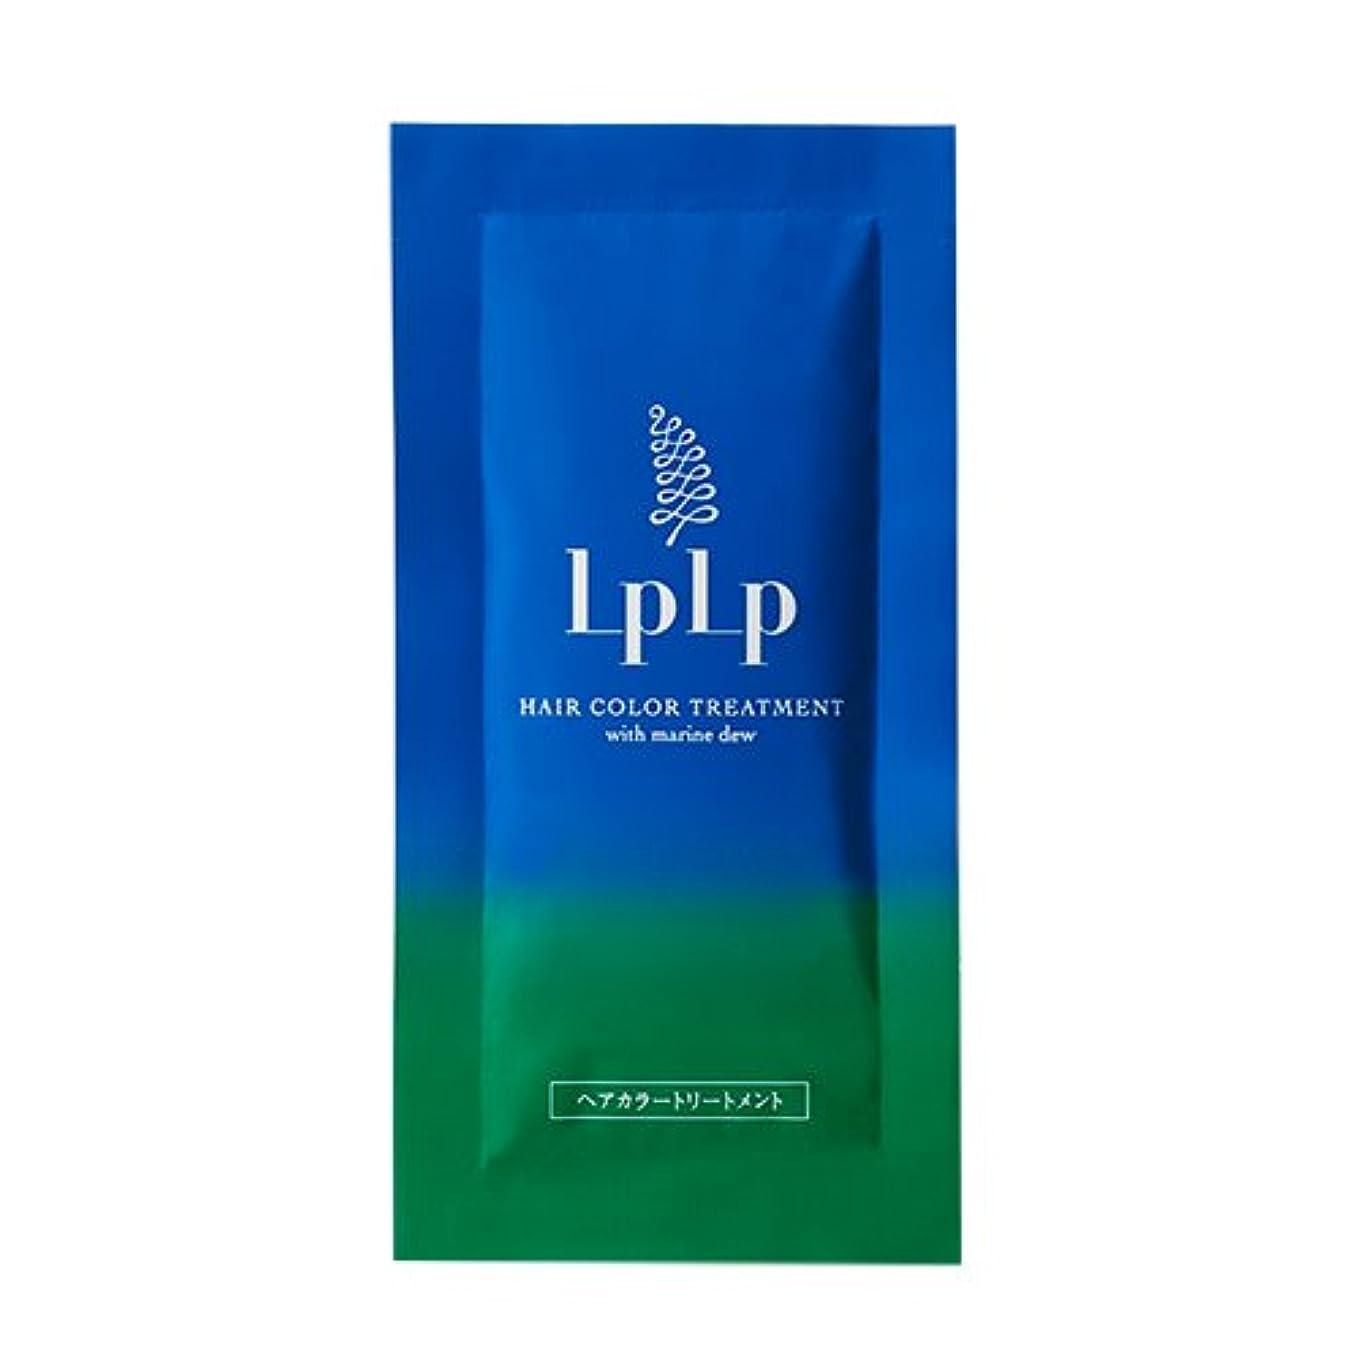 無傷ファブリック蚊LPLP(ルプルプ)ヘアカラートリートメントお試しパウチ ダークブラウン